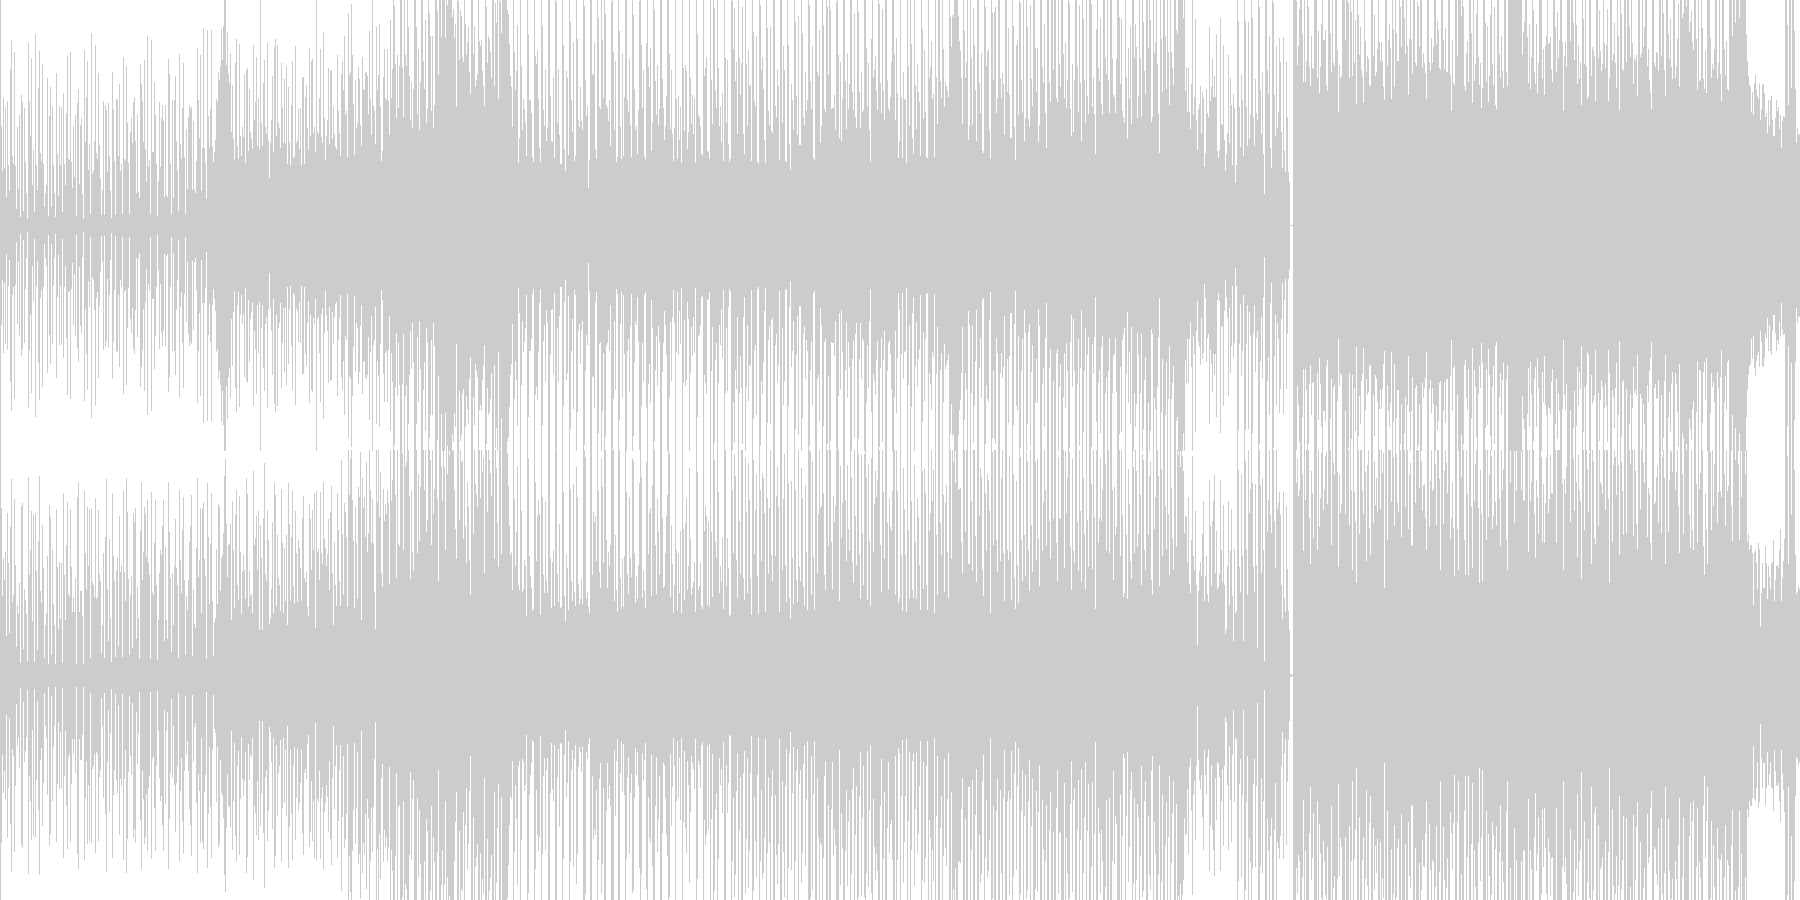 ピコピコに笛が絡むテクノポップ■ループ可の未再生の波形